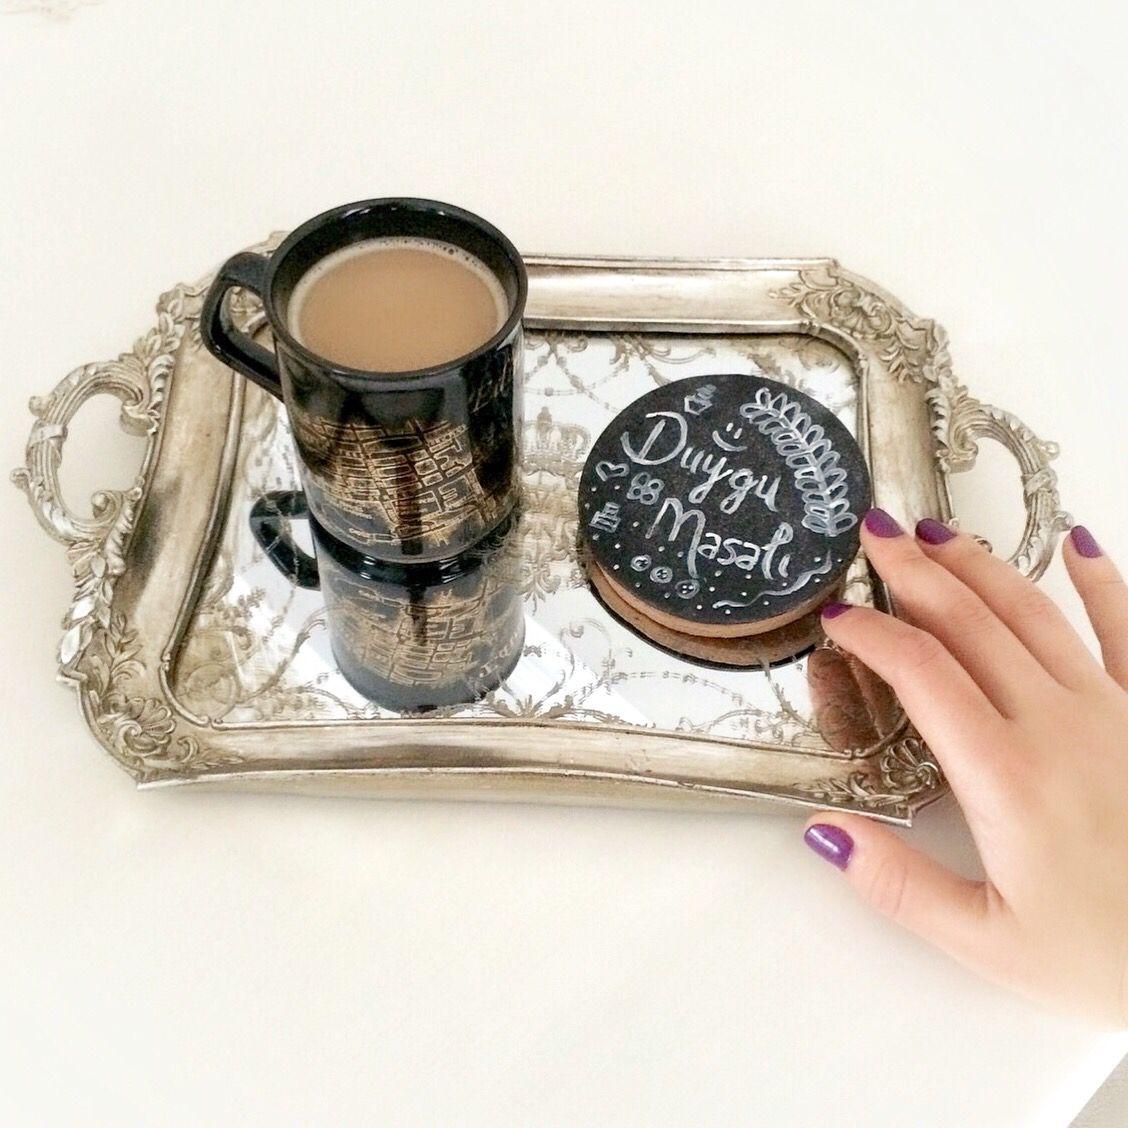 Günaydııın ☕️ Chalkboard kurabiye & kahve